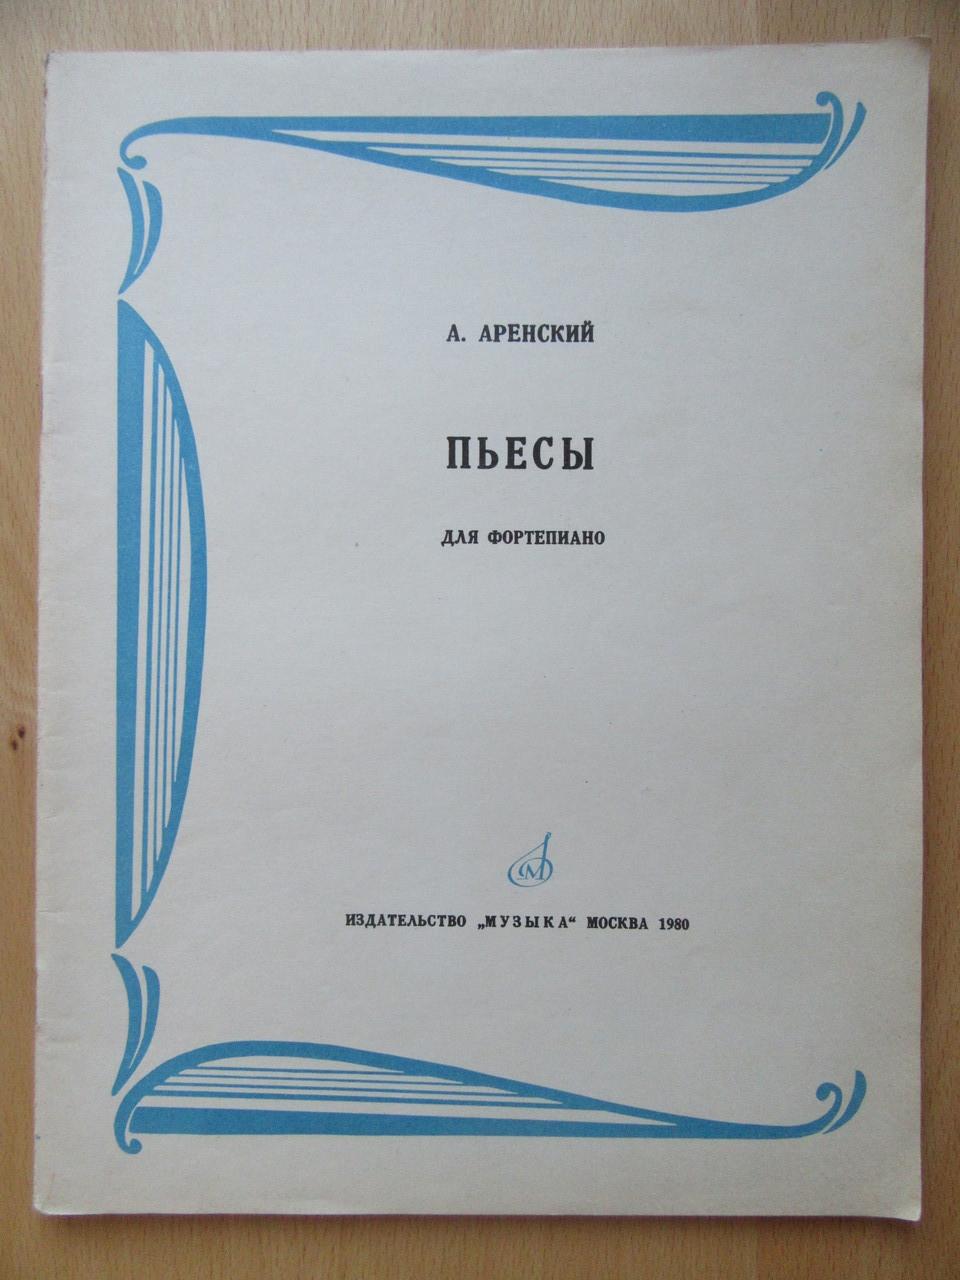 А.Аренский. Пьесы для фортепиано